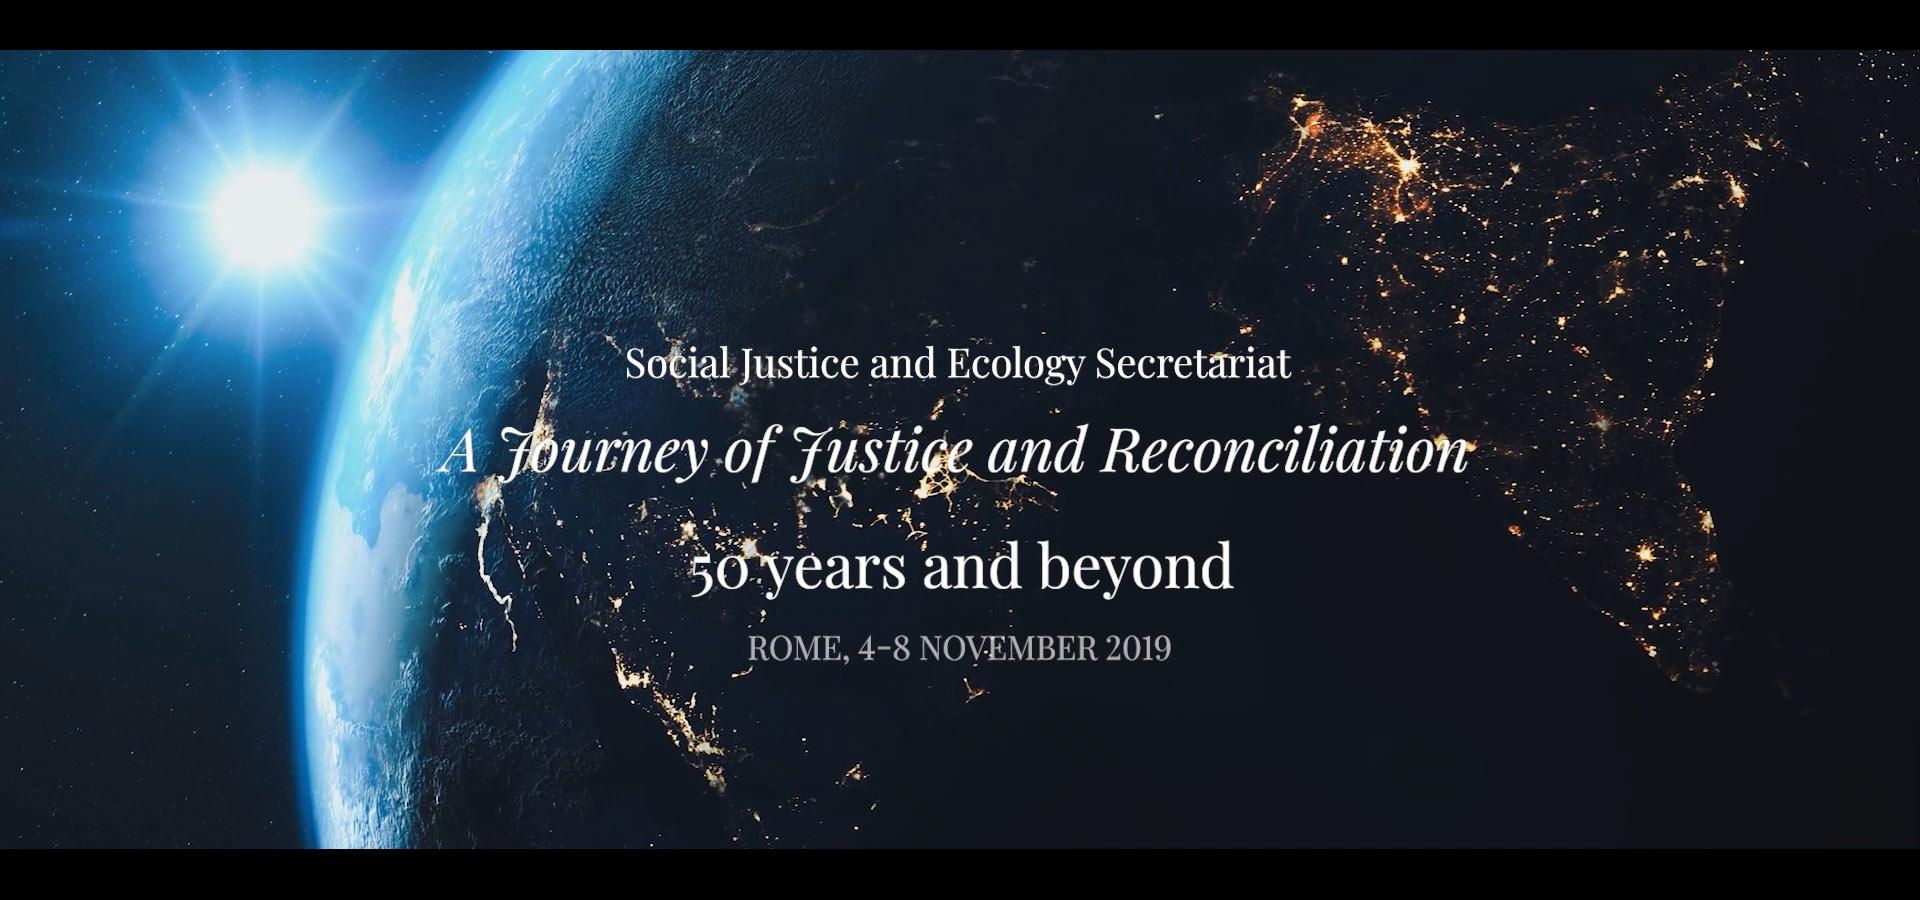 Un viaggio di giustizia e riconciliazione – Echi del Congresso del SJES